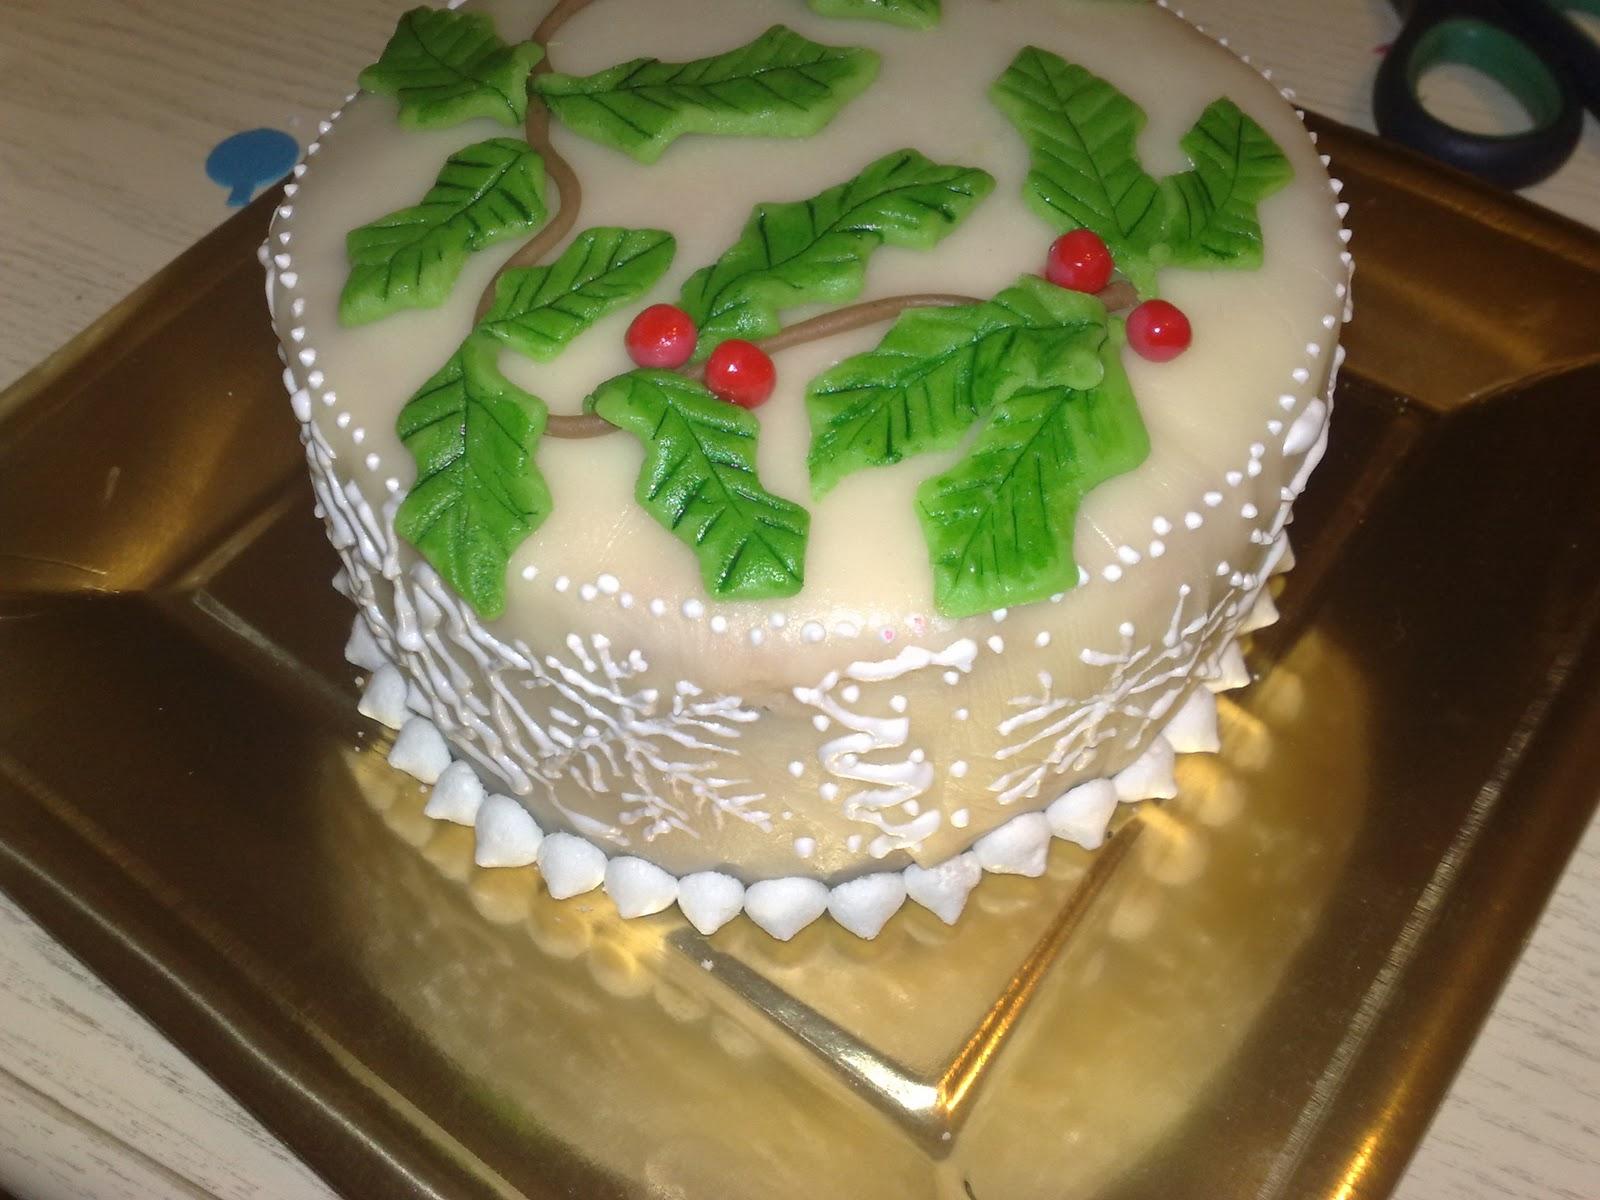 Torte Decorate Per Natale la rosa bulgara: torta decorata per natale con marzapane e